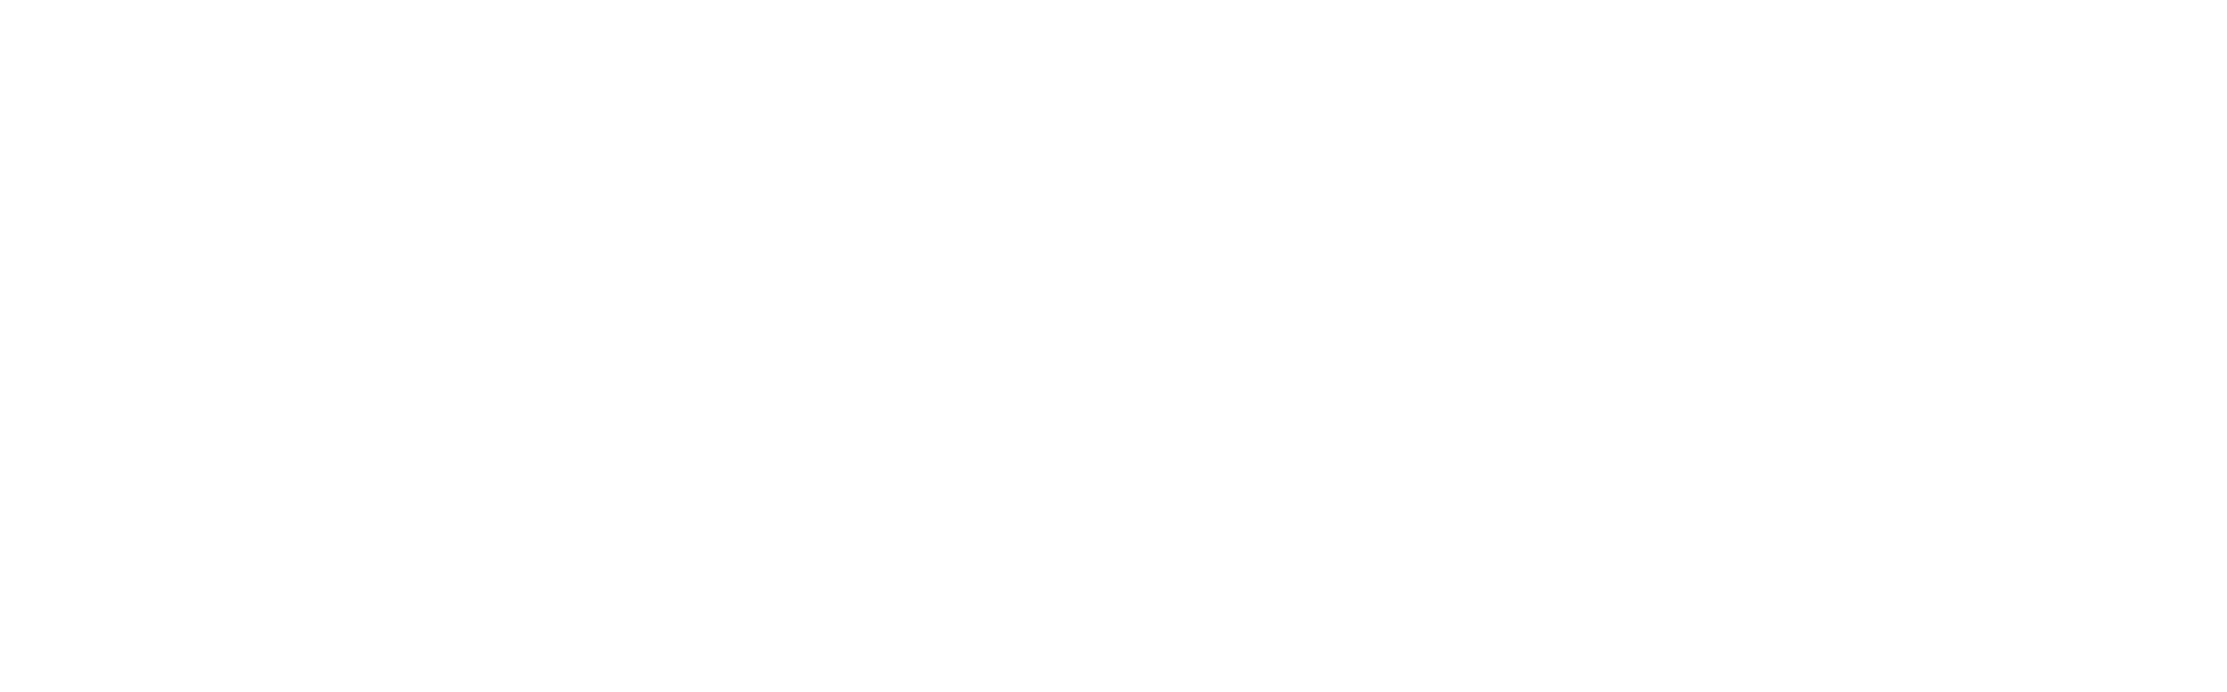 Aerial Craft